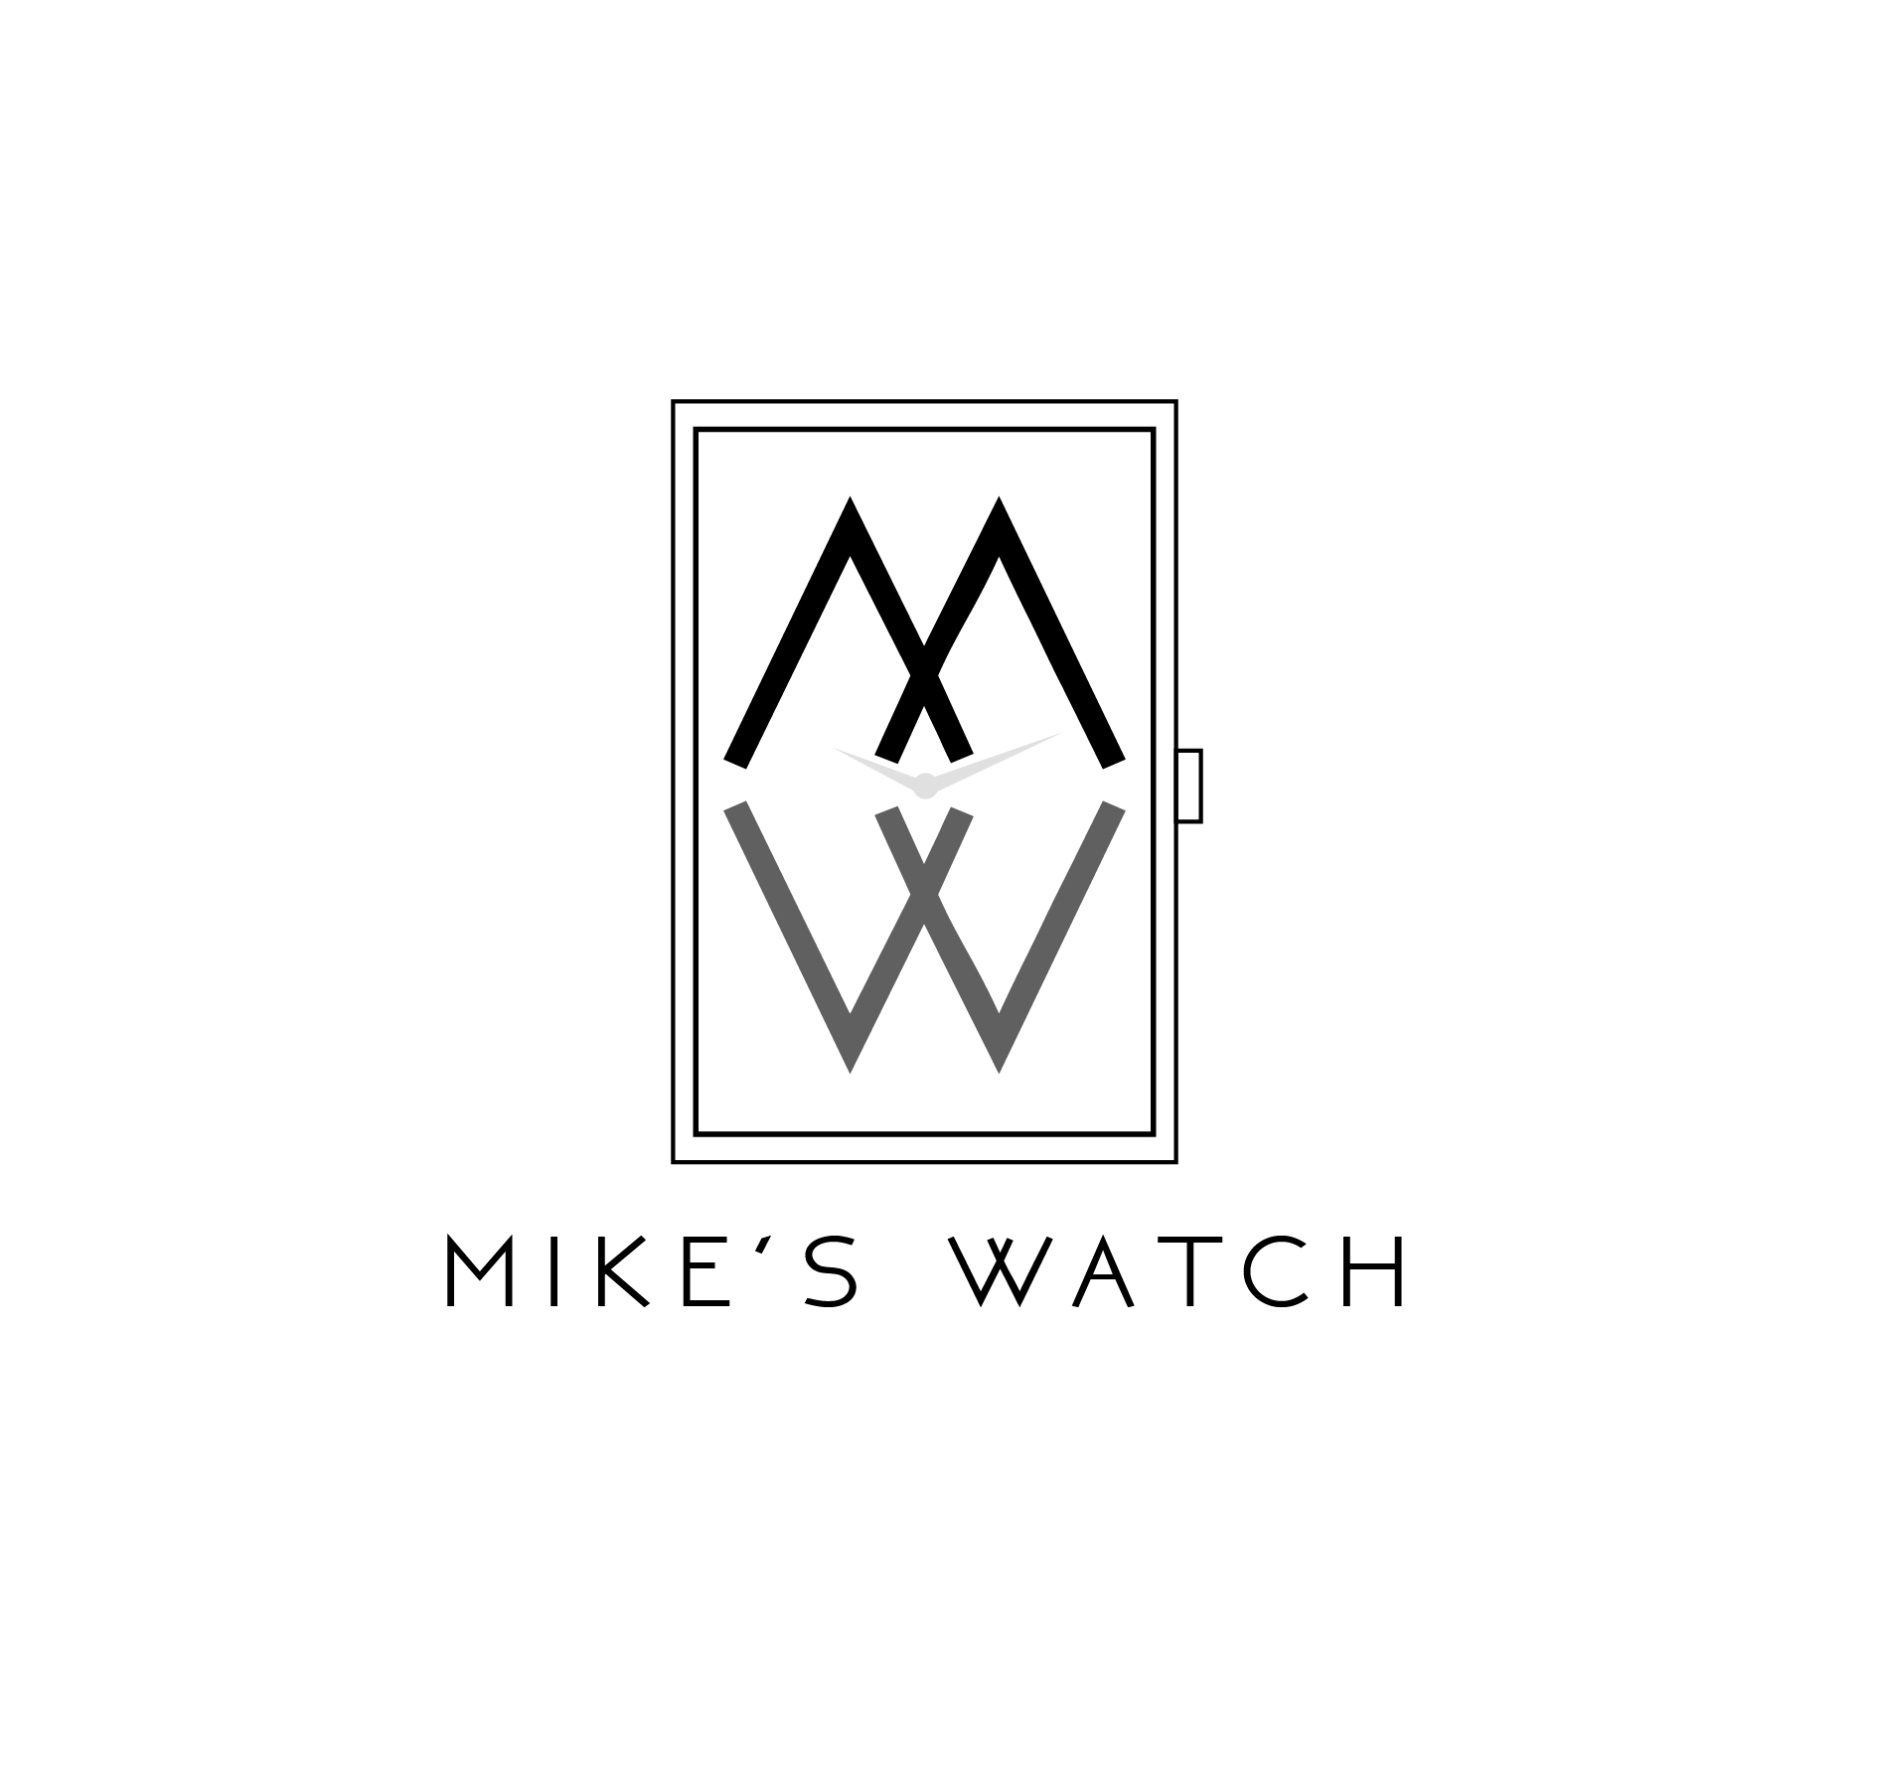 Mike's Watch II - MondaniWeb